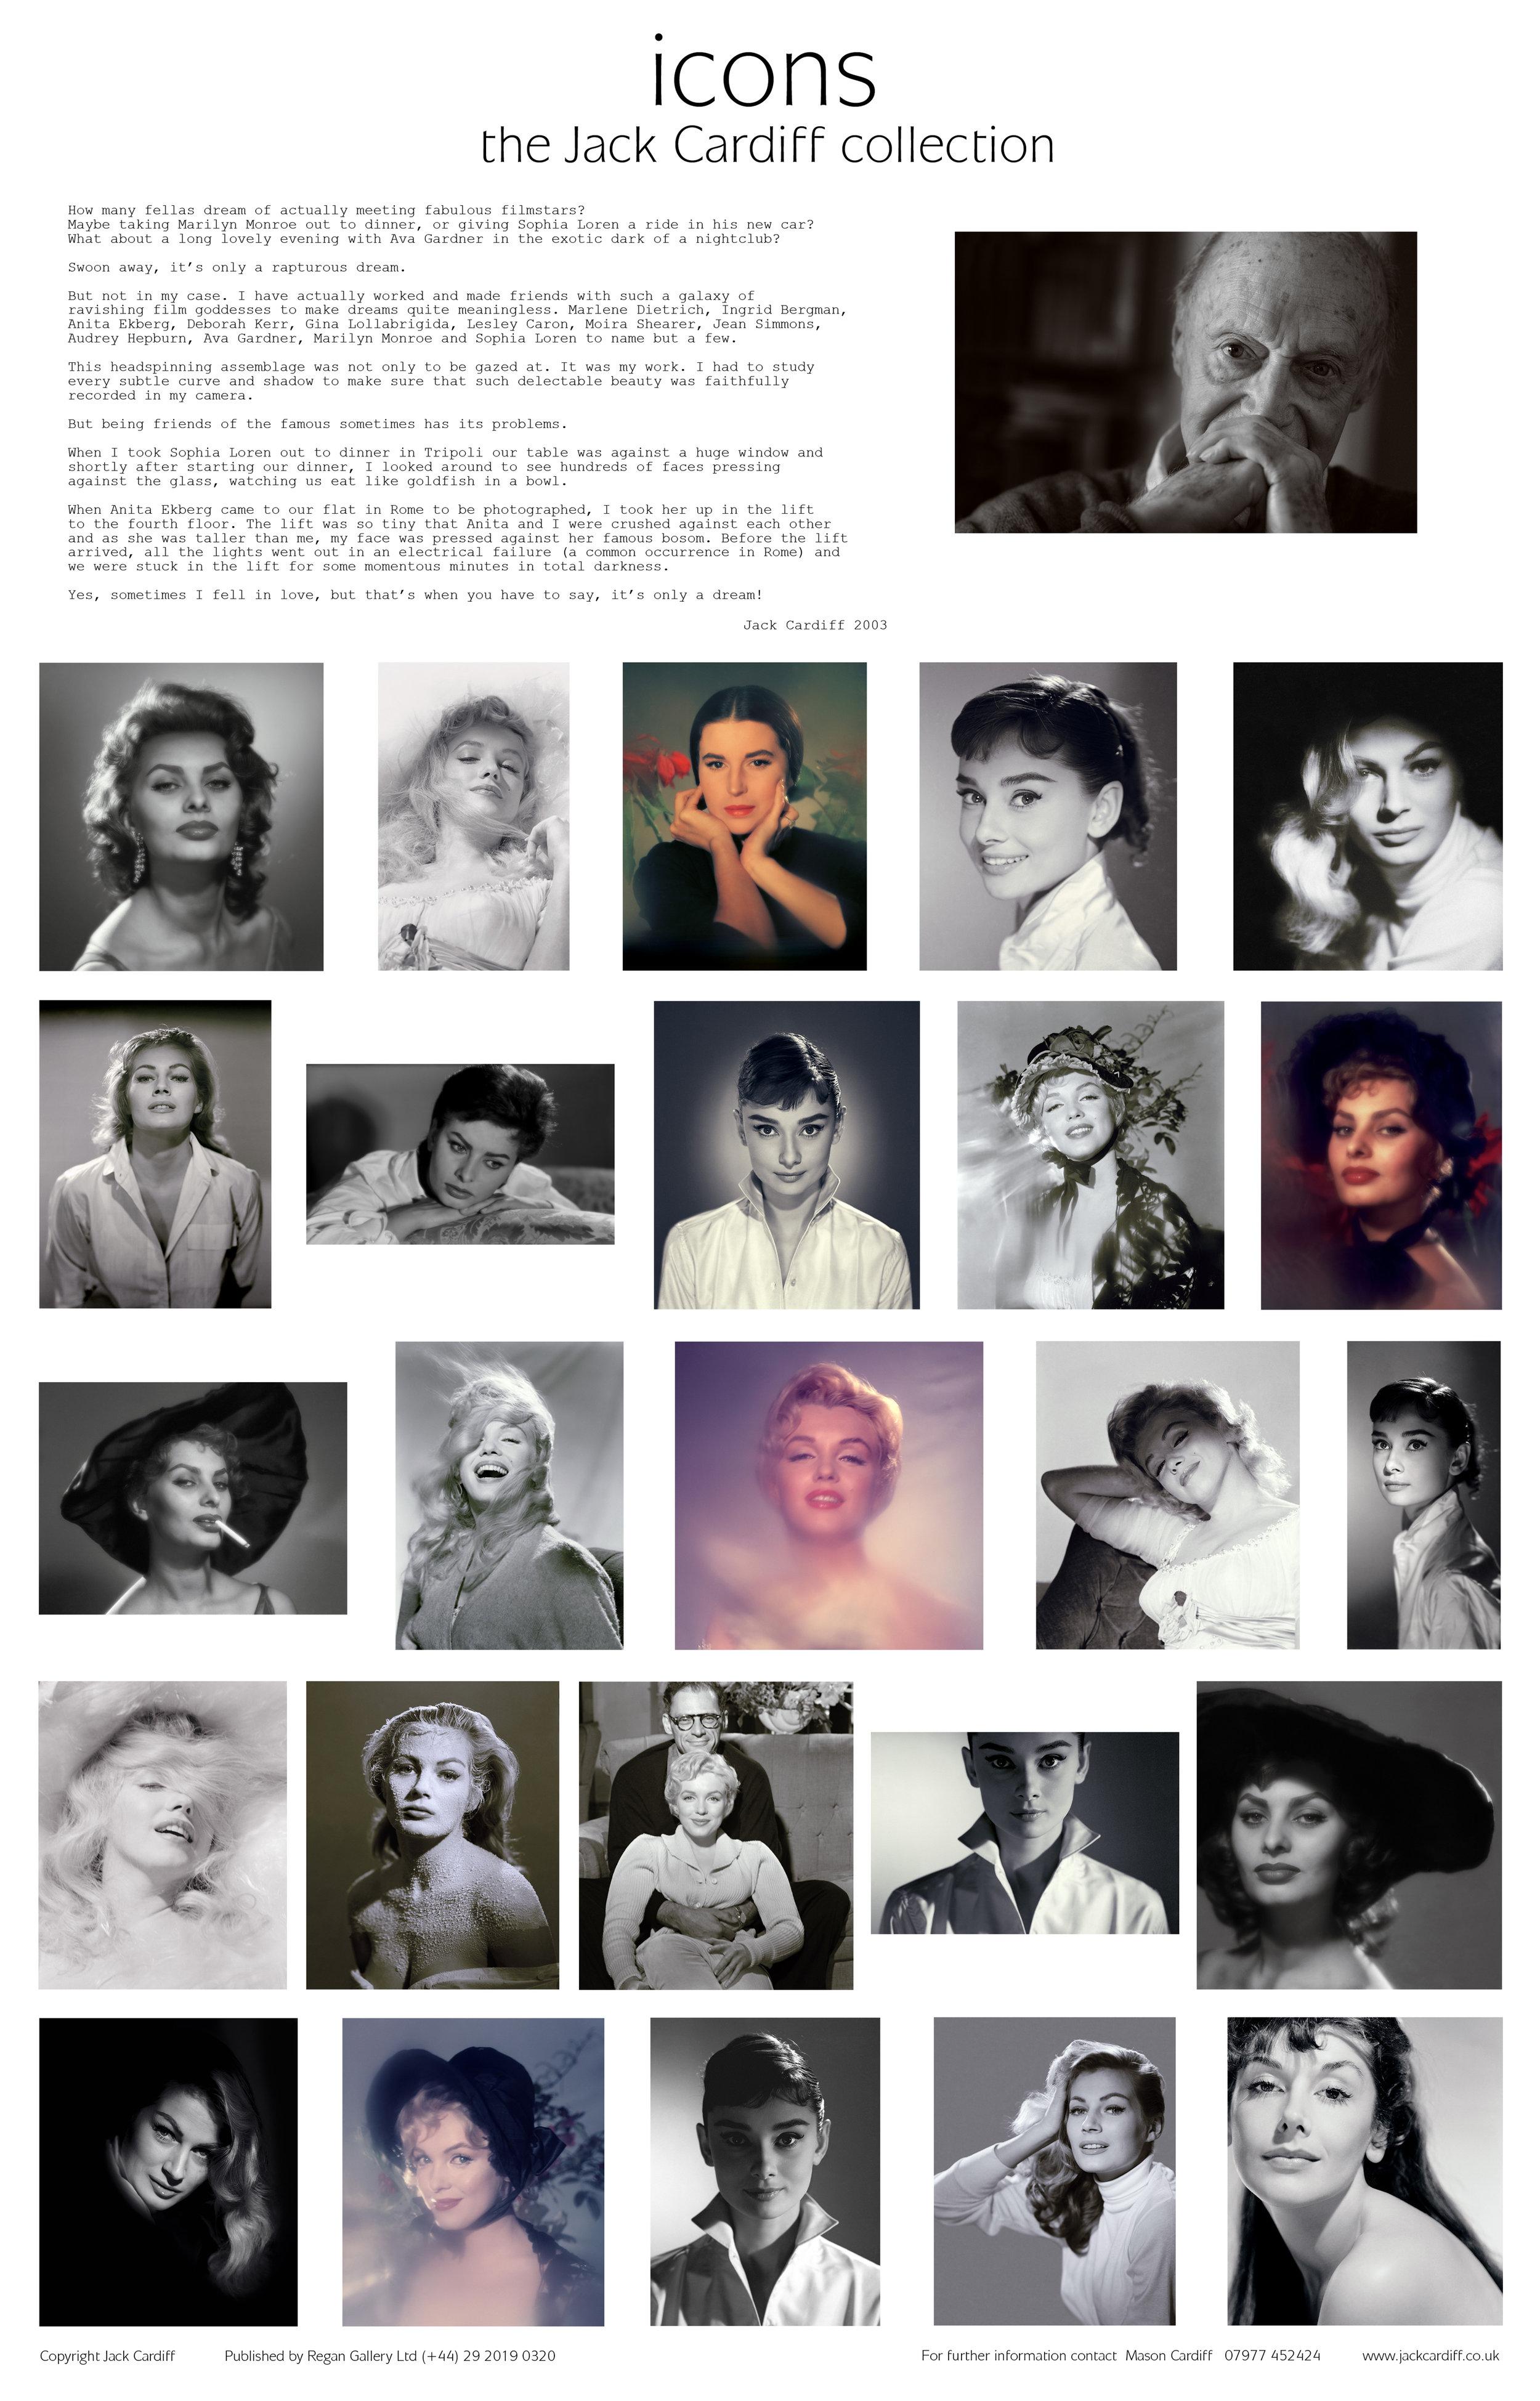 Jack Cardiff icon photography